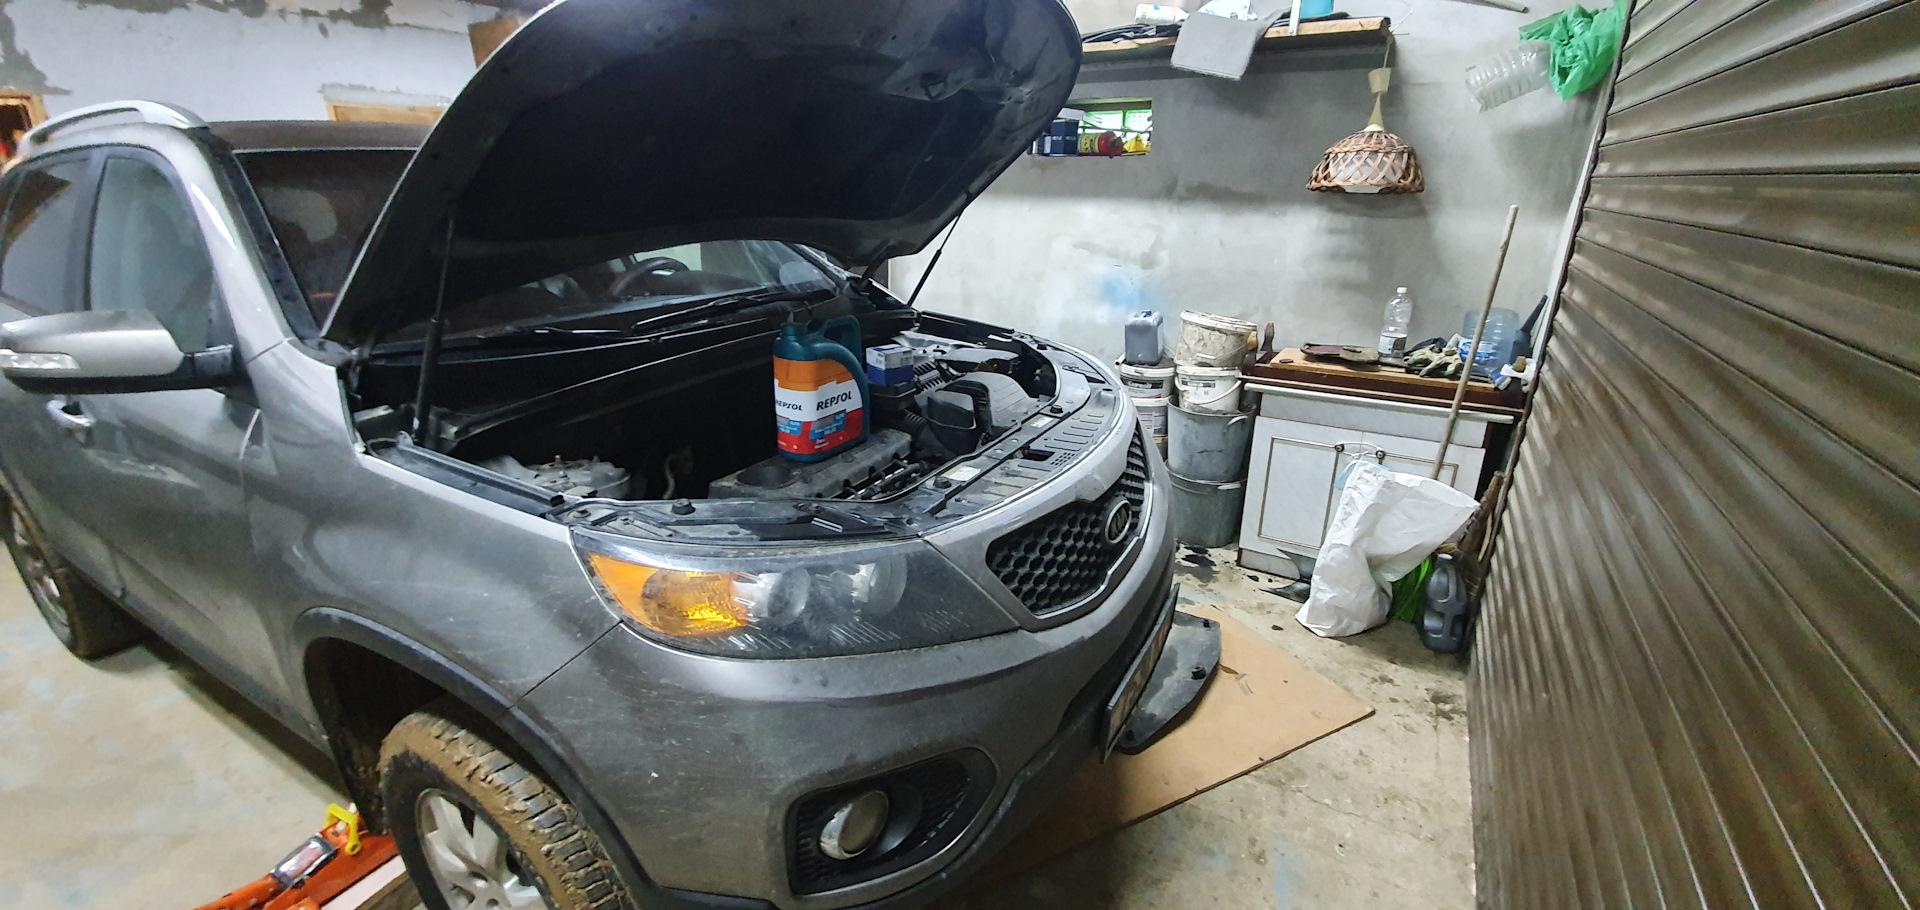 Замена масла на дизельном двигателе Киа Соренто